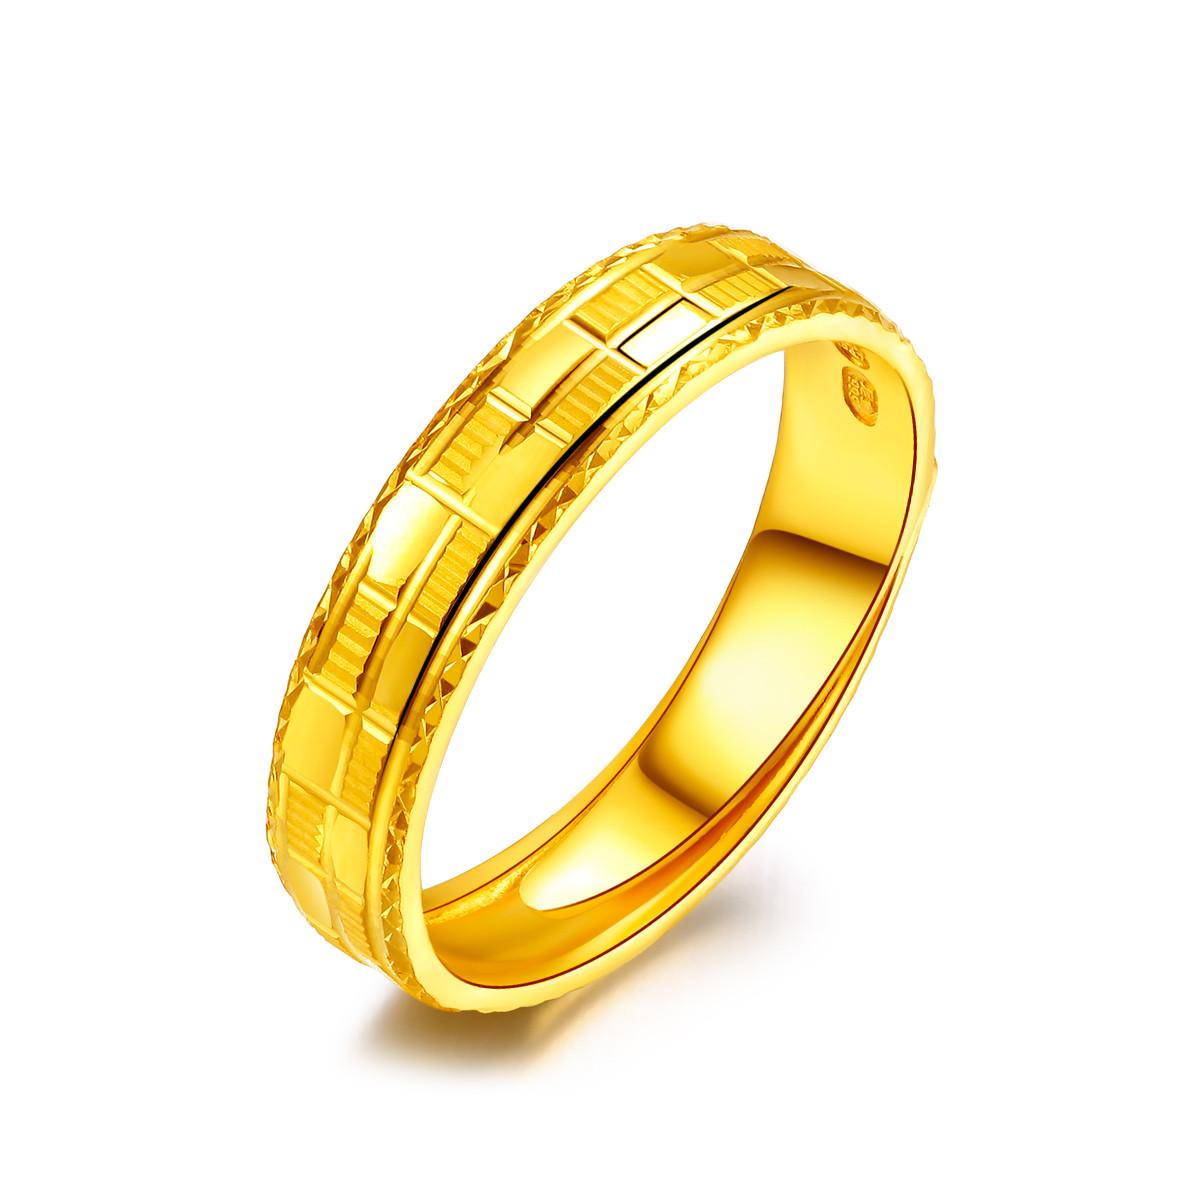 金至尊金至尊 足金格纹条戒黄金戒指 计价DFJZ0082QJ